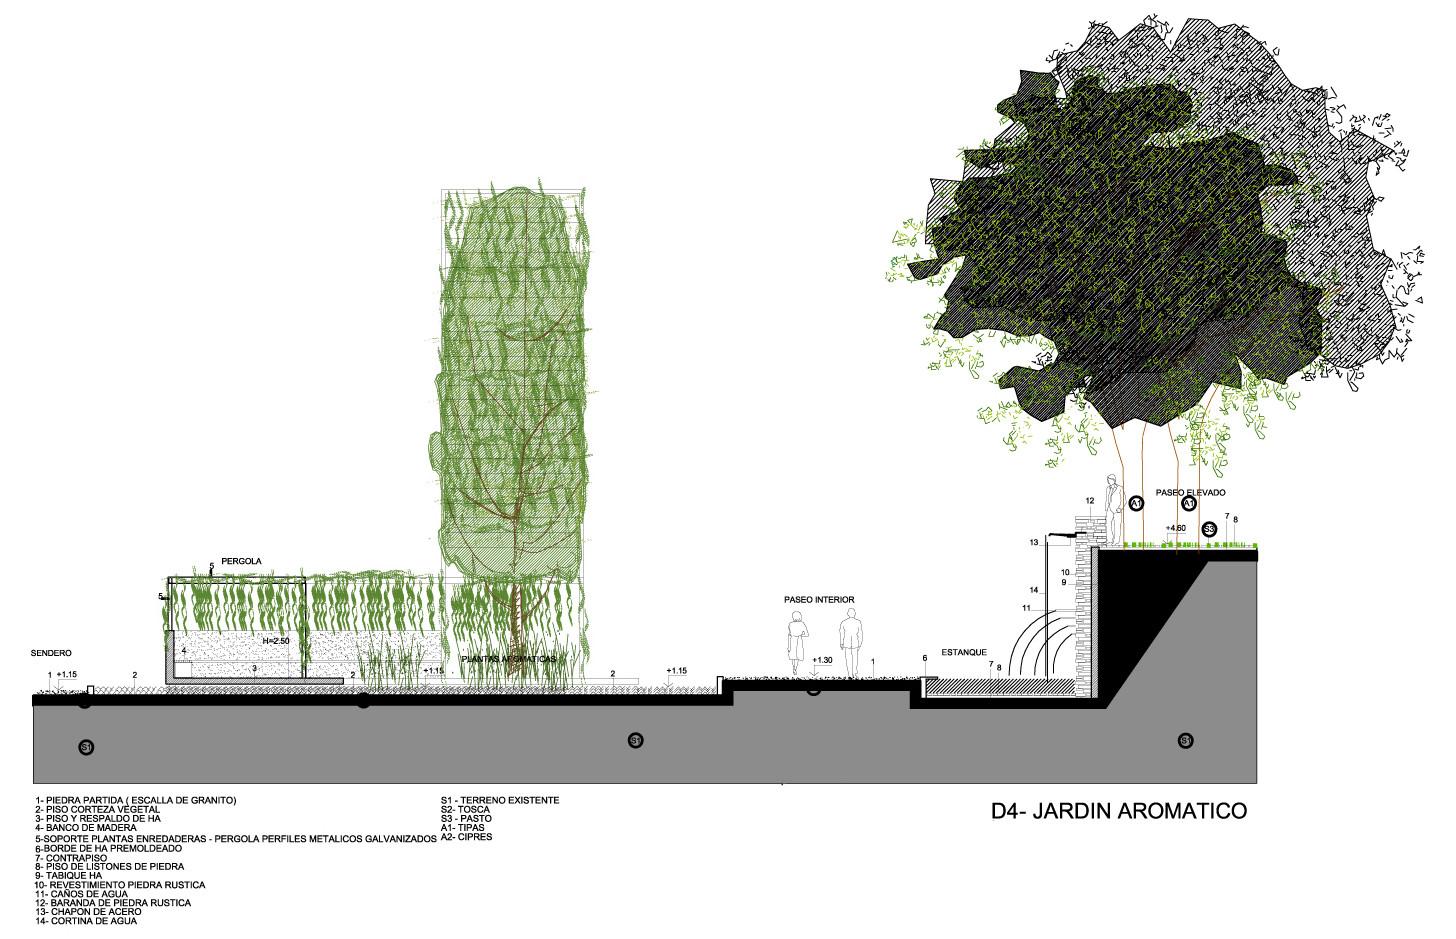 Galer a de parque central de mendoza b4fs arquitectos 15 for Cd market galeria jardin